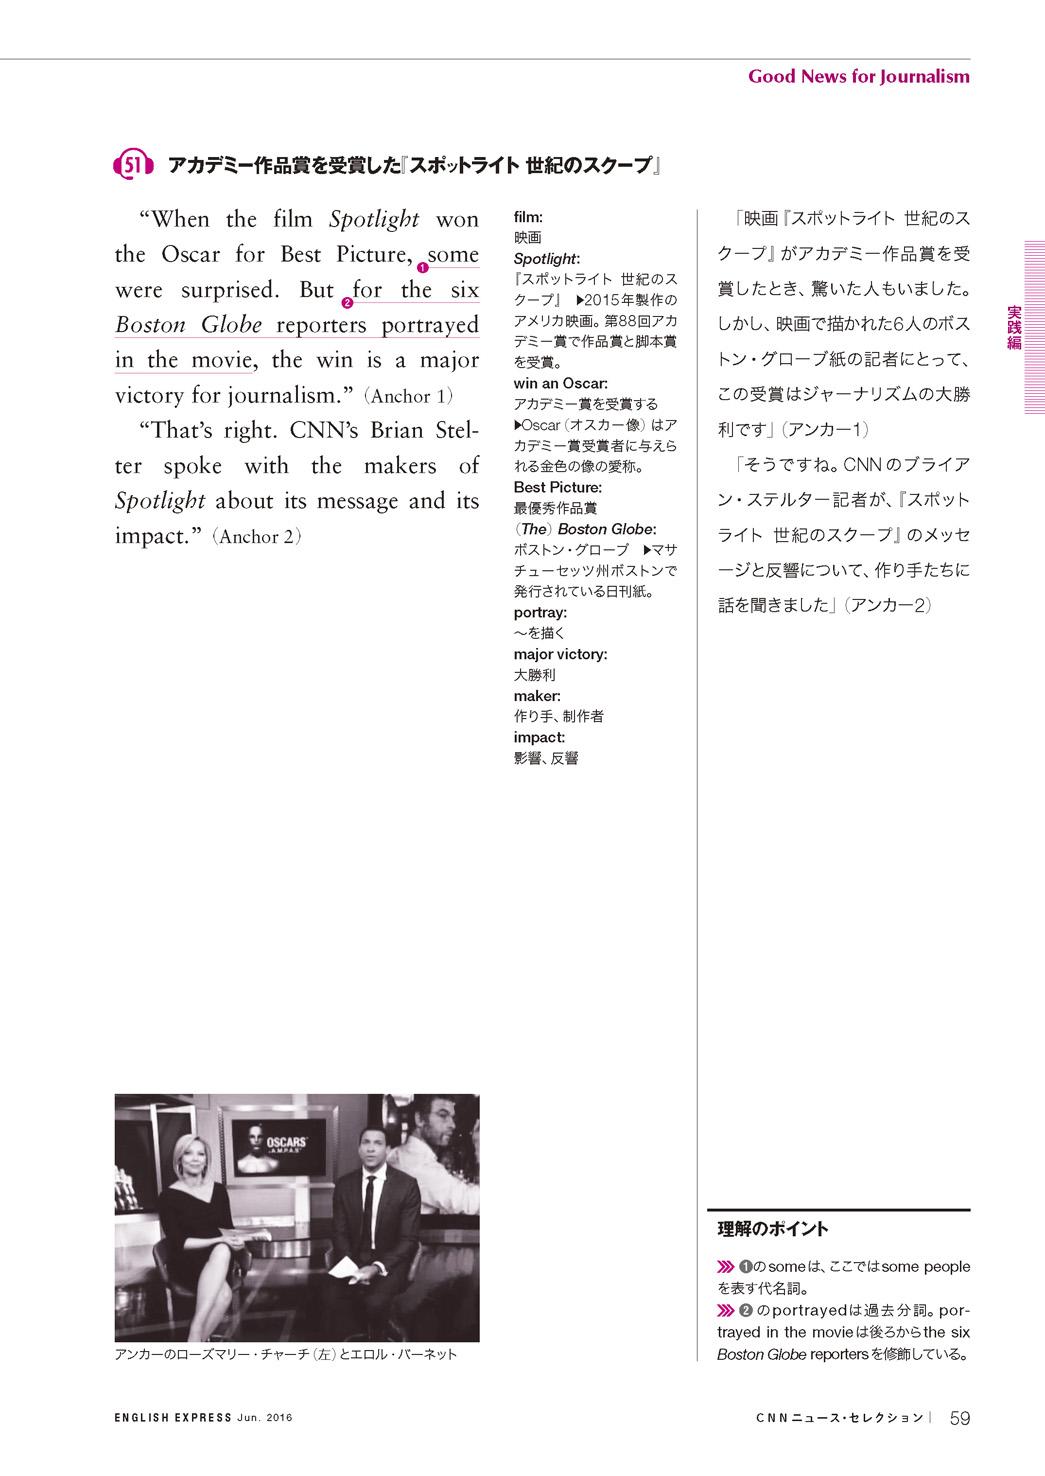 """◆ニュース・セレクション#br#映画『スポットライト』が描く不屈の記者魂#br#》》音声試聴は<a href=""""mms://016.mediaimage.jp/asahipress/ee1606a.wma"""" class=""""txt1158b0"""">こちら</a>をクリック!"""